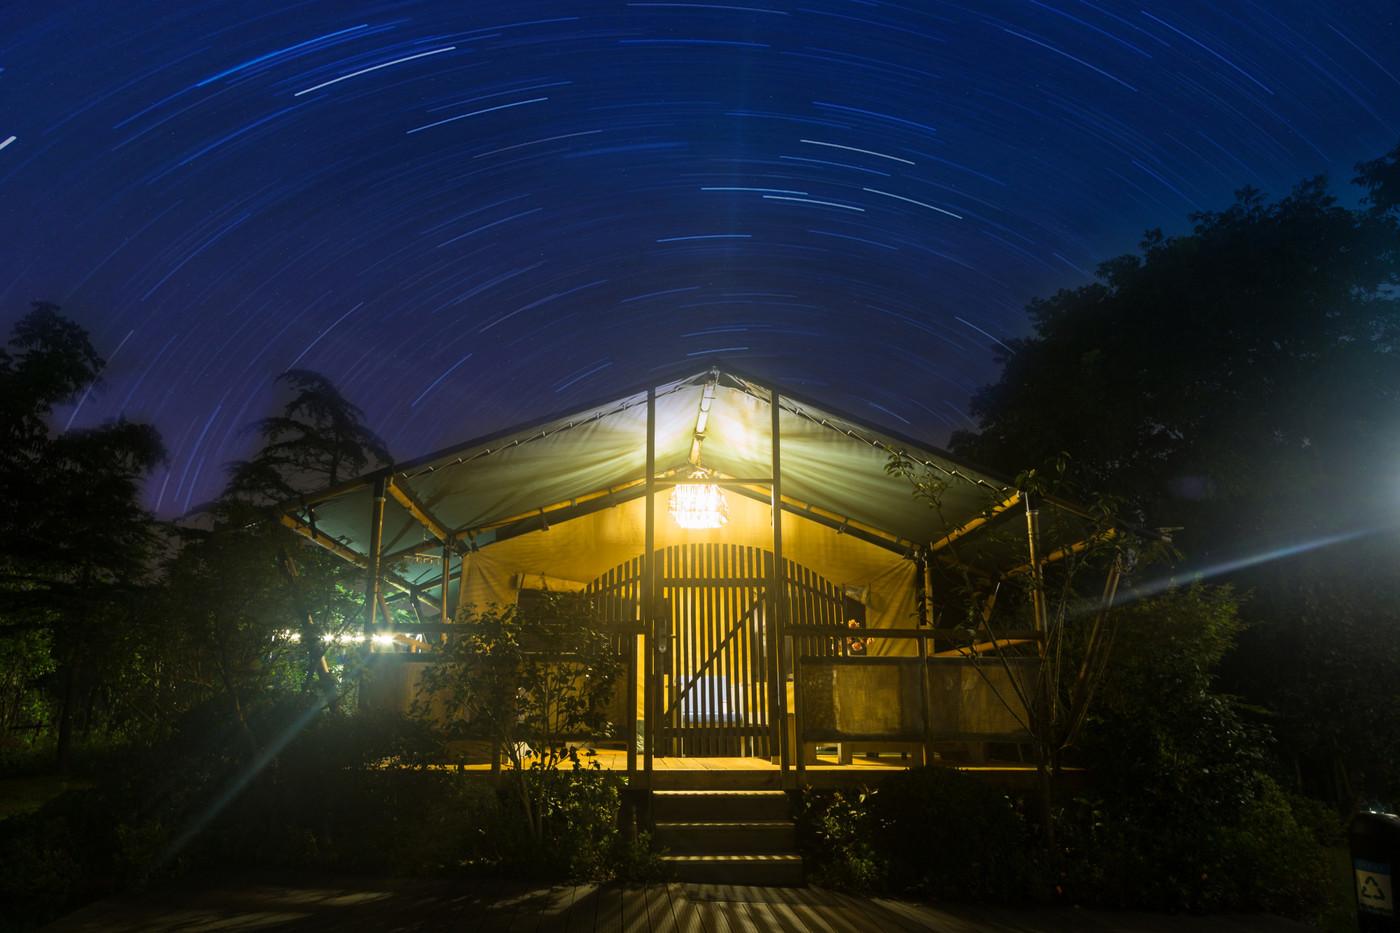 喜马拉雅上海迪士尼邻家营地—家庭房4